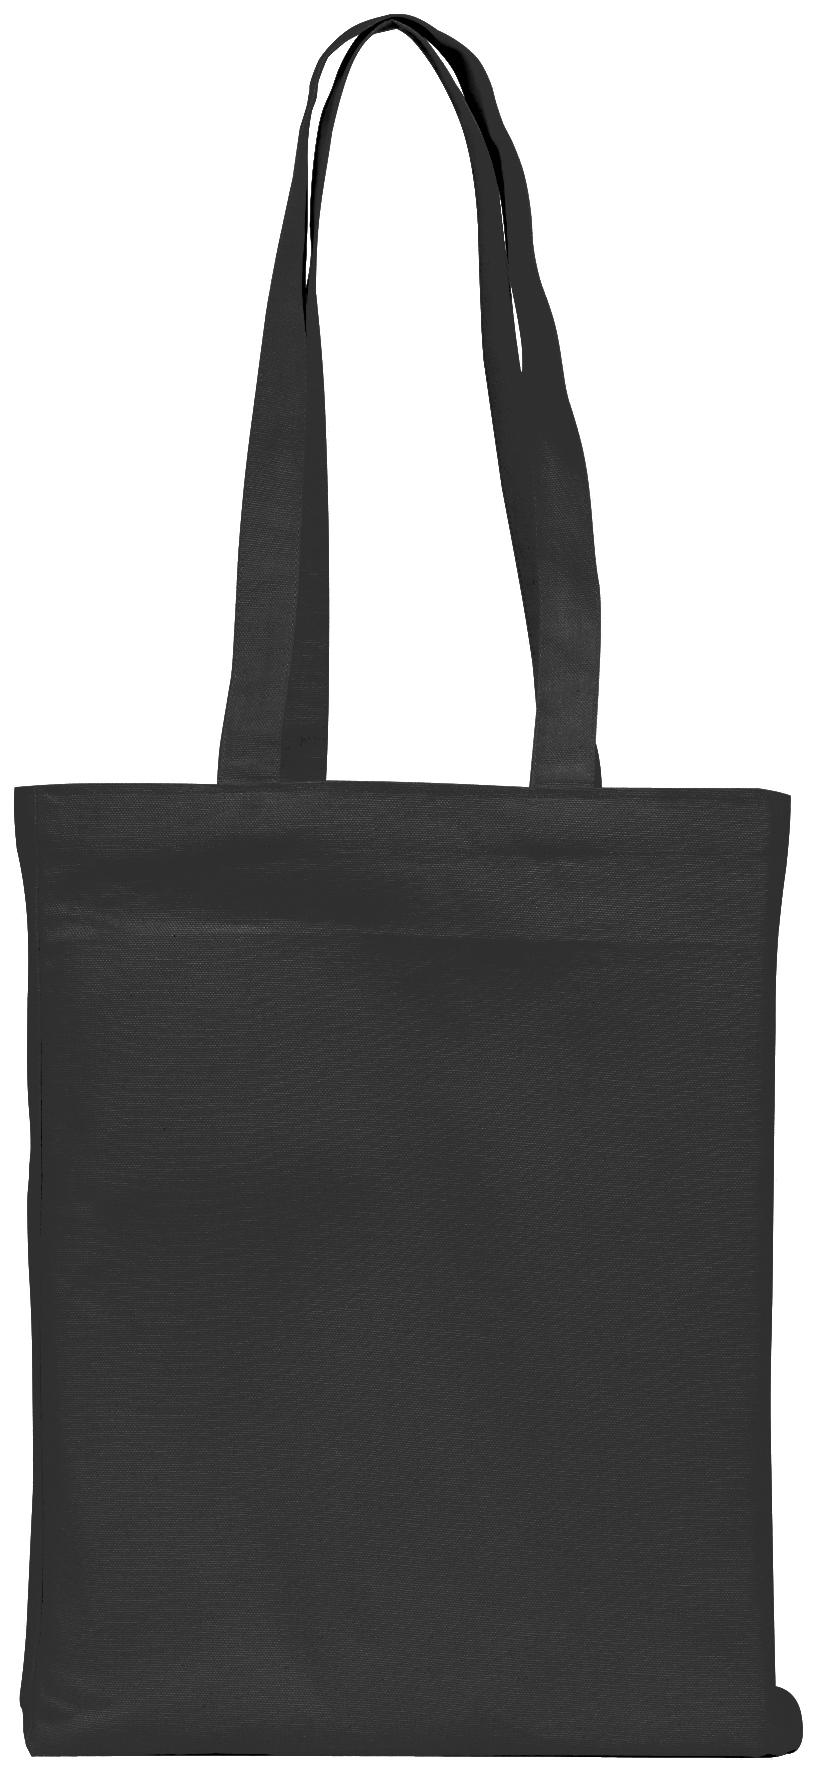 Promotional Groombridge 10oz Cotton Canvas Tote Bag